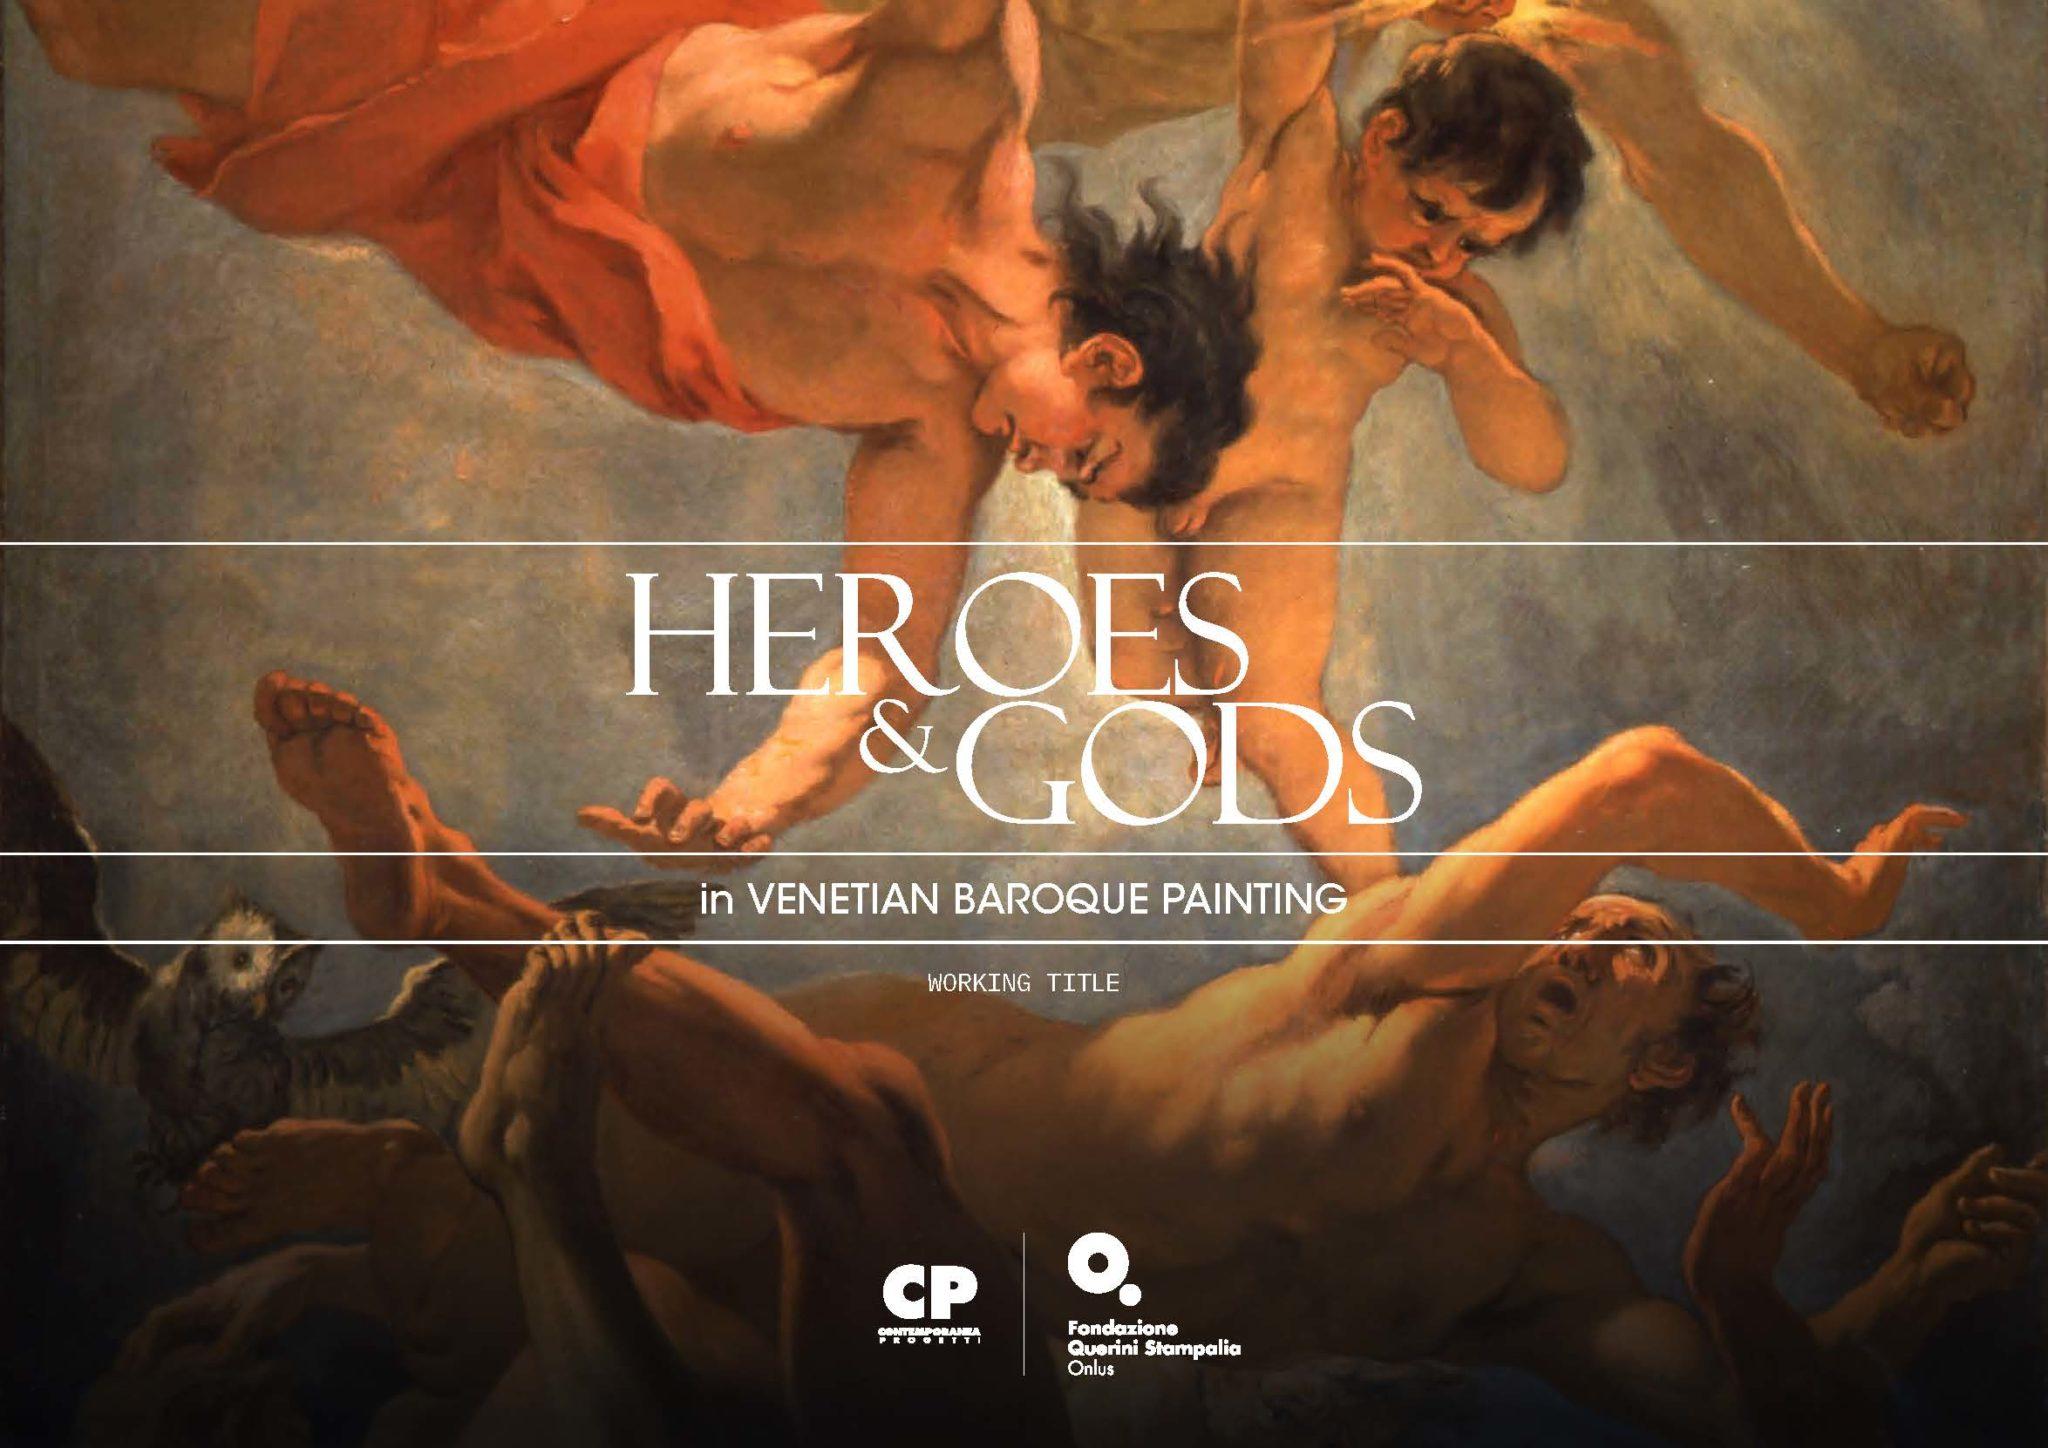 Heroes & Gods in Venetian Baroque Painting